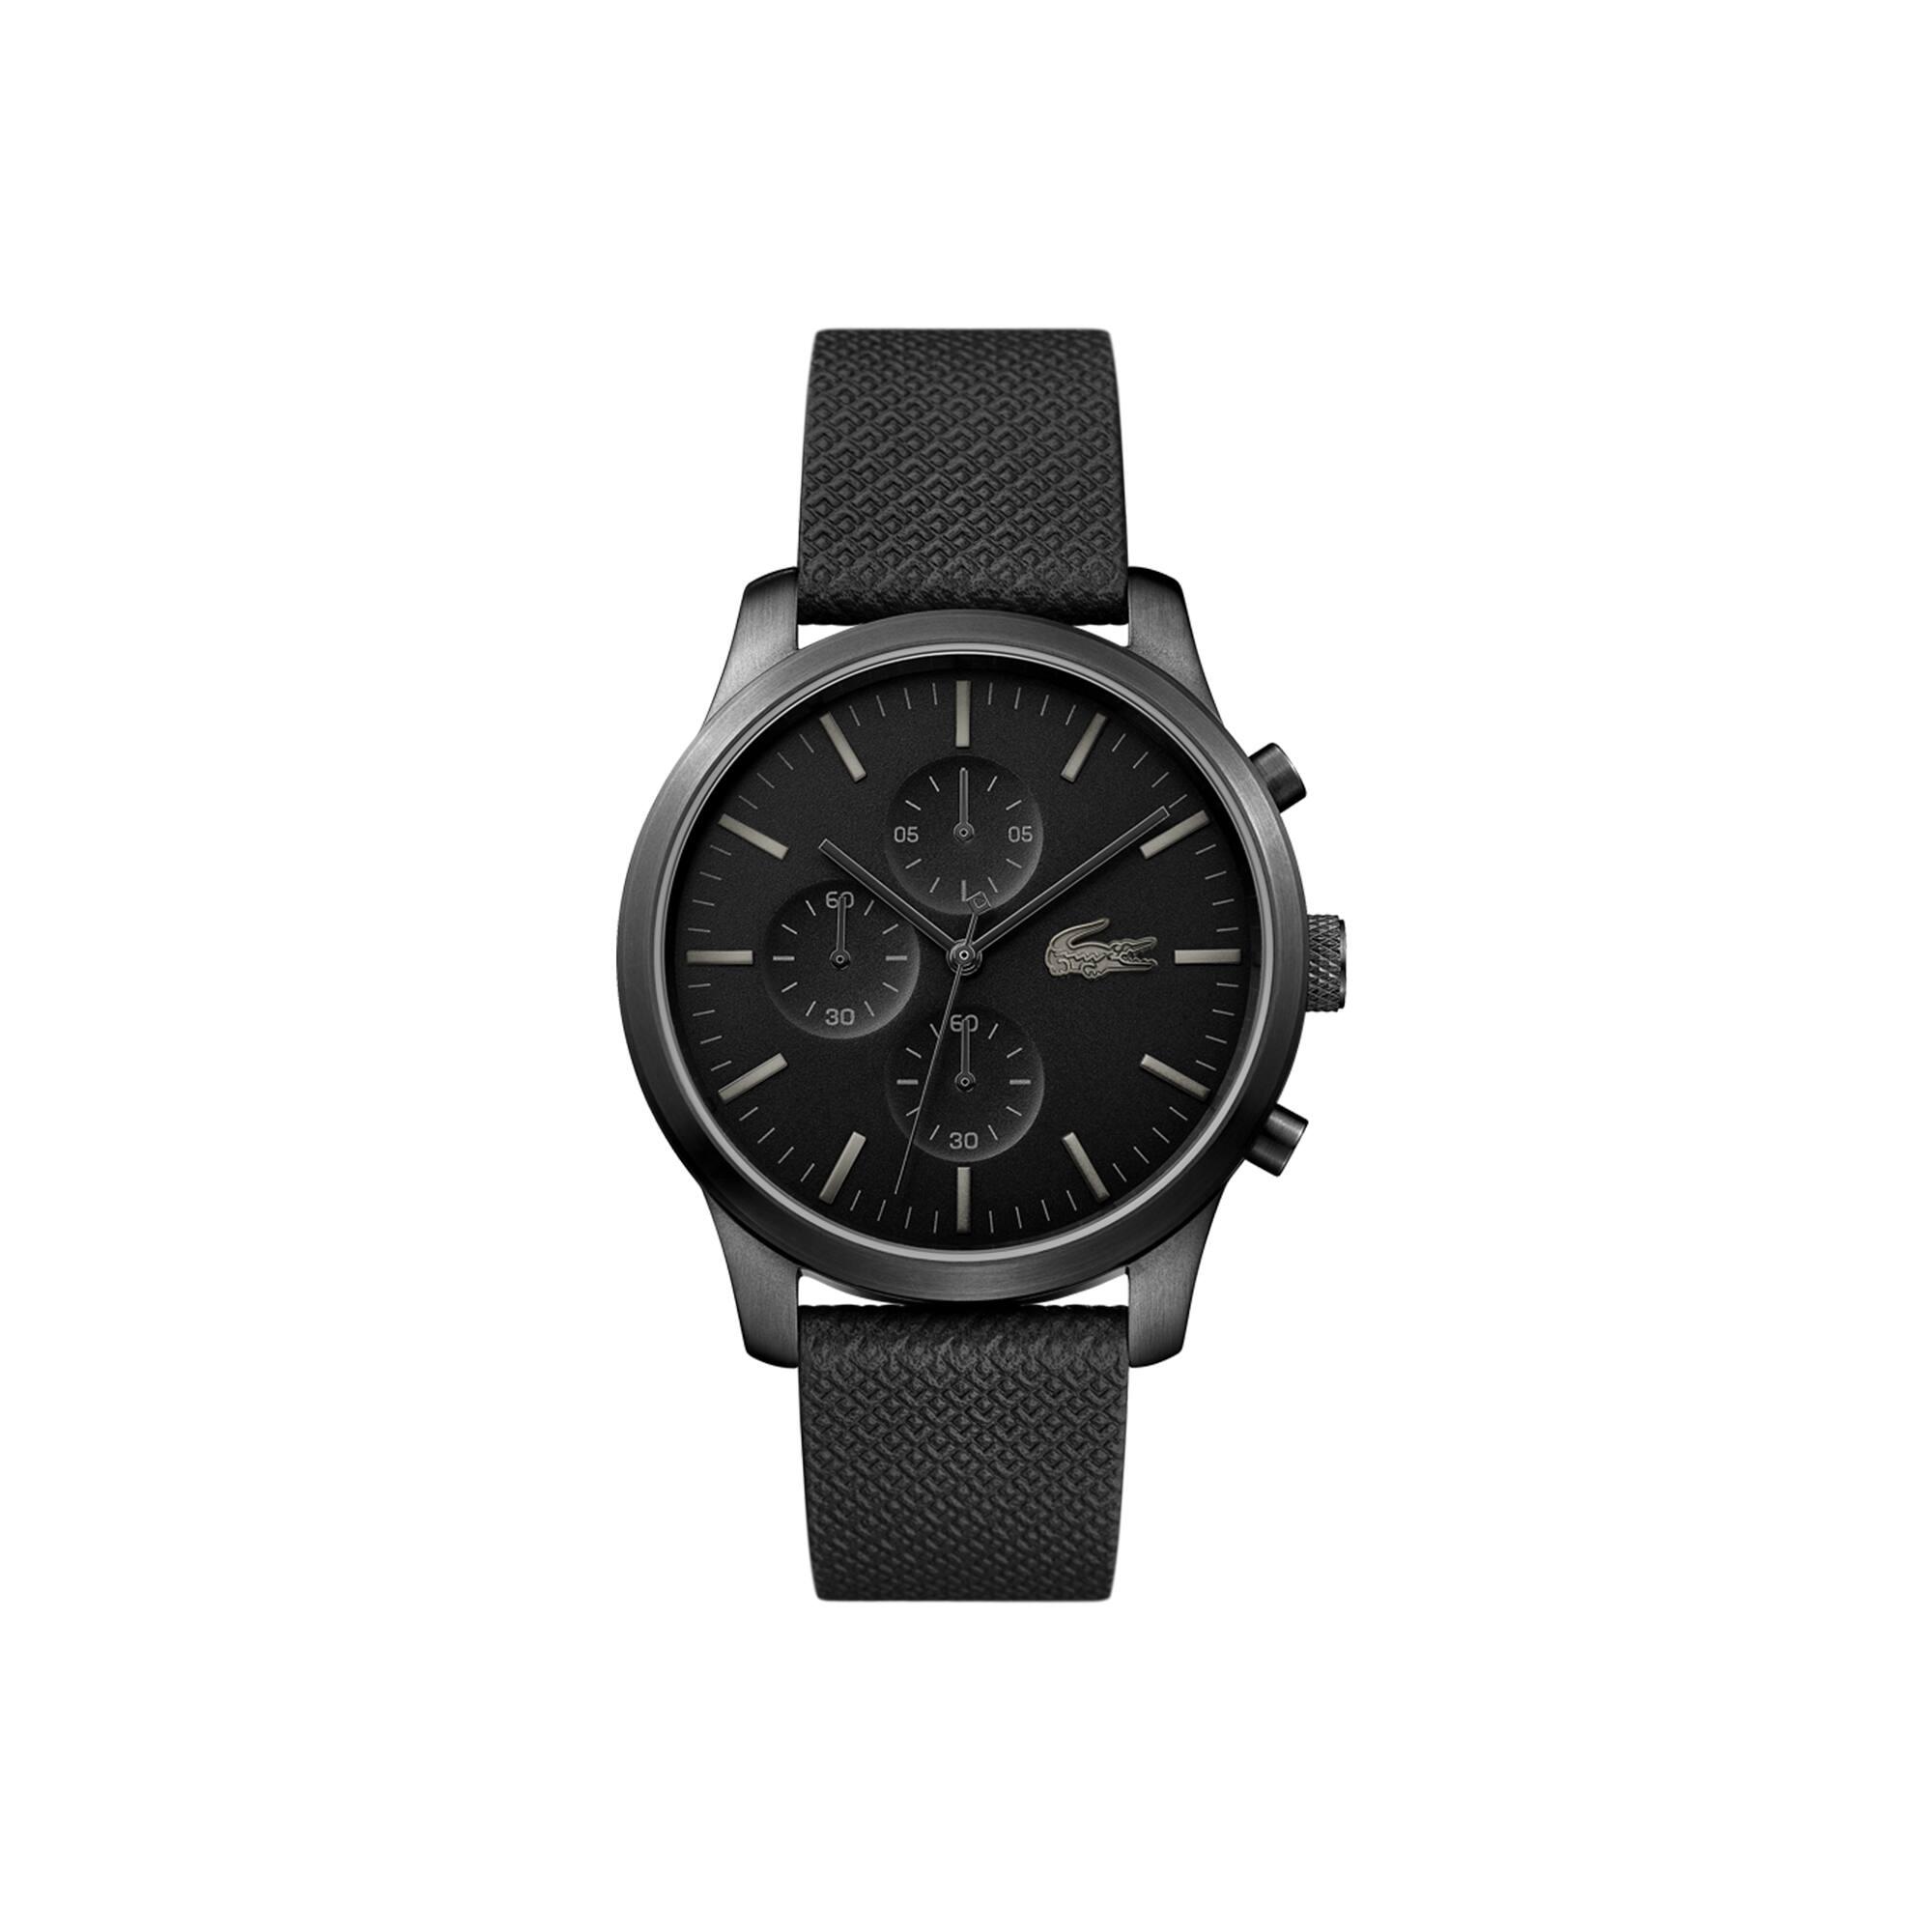 Horloge Lacoste 12.12 85th Anniversary met leren band met zwart petit-piqué-stikwerk